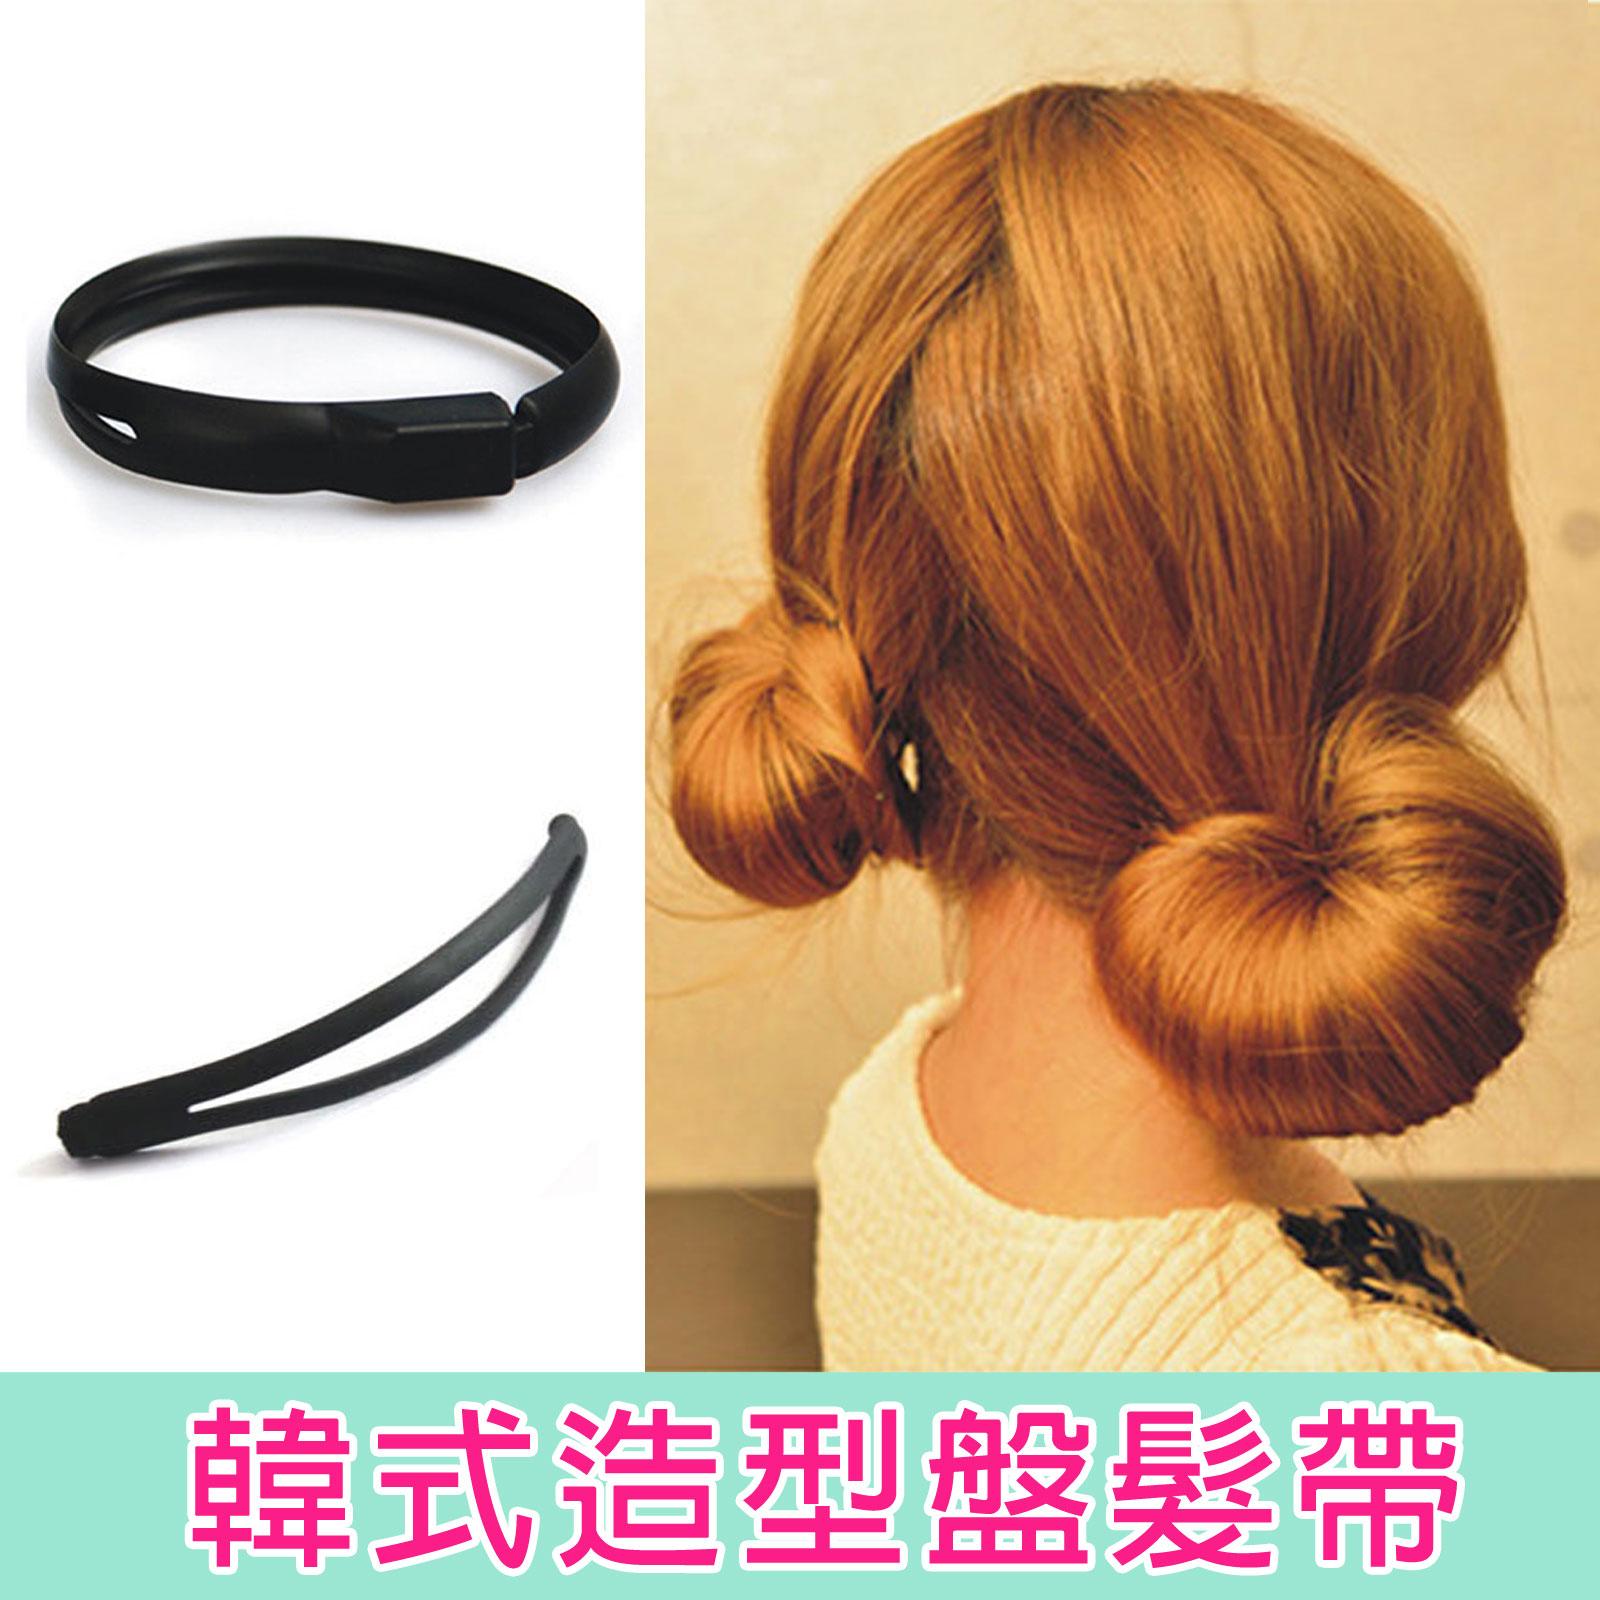 盤髮帶~綁包包頭丸子頭好幫手小道具時尚盤髮器【FKH24】☆雙兒網☆